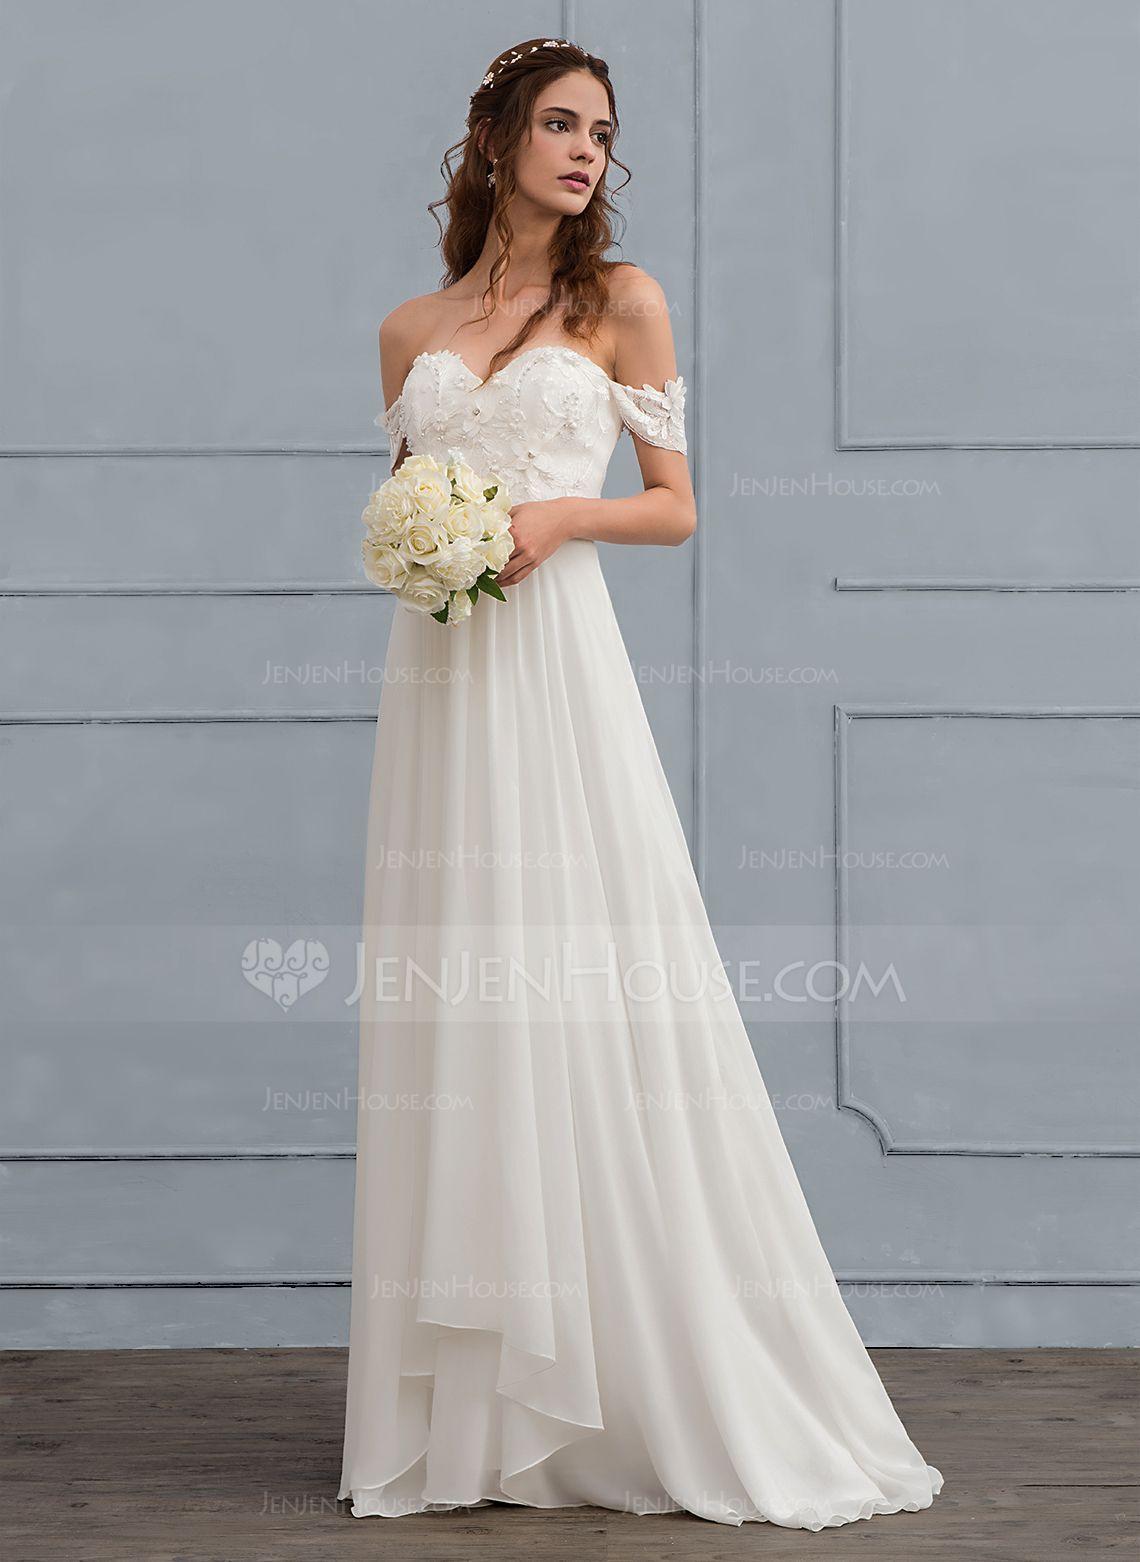 Wunderbar Jennifer Gifford Brautkleid Fotos - Hochzeit Kleid Stile ...